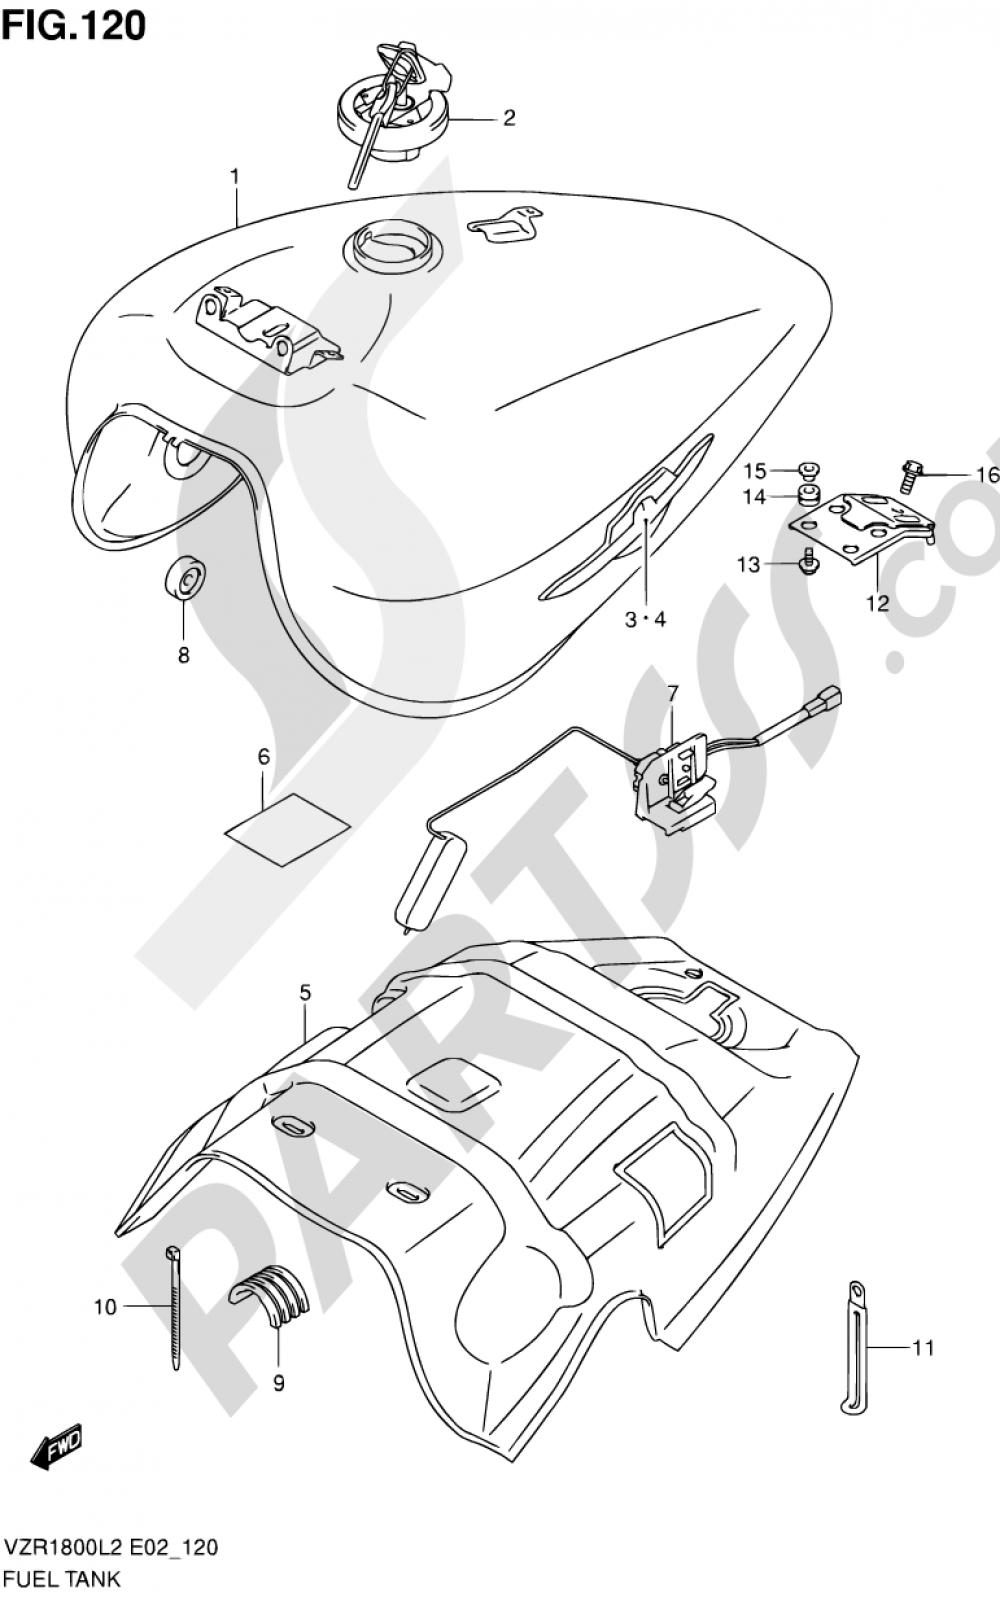 120 - FUEL TANK (VZR1800ZL2 E19) Suzuki VZR1800Z 2002